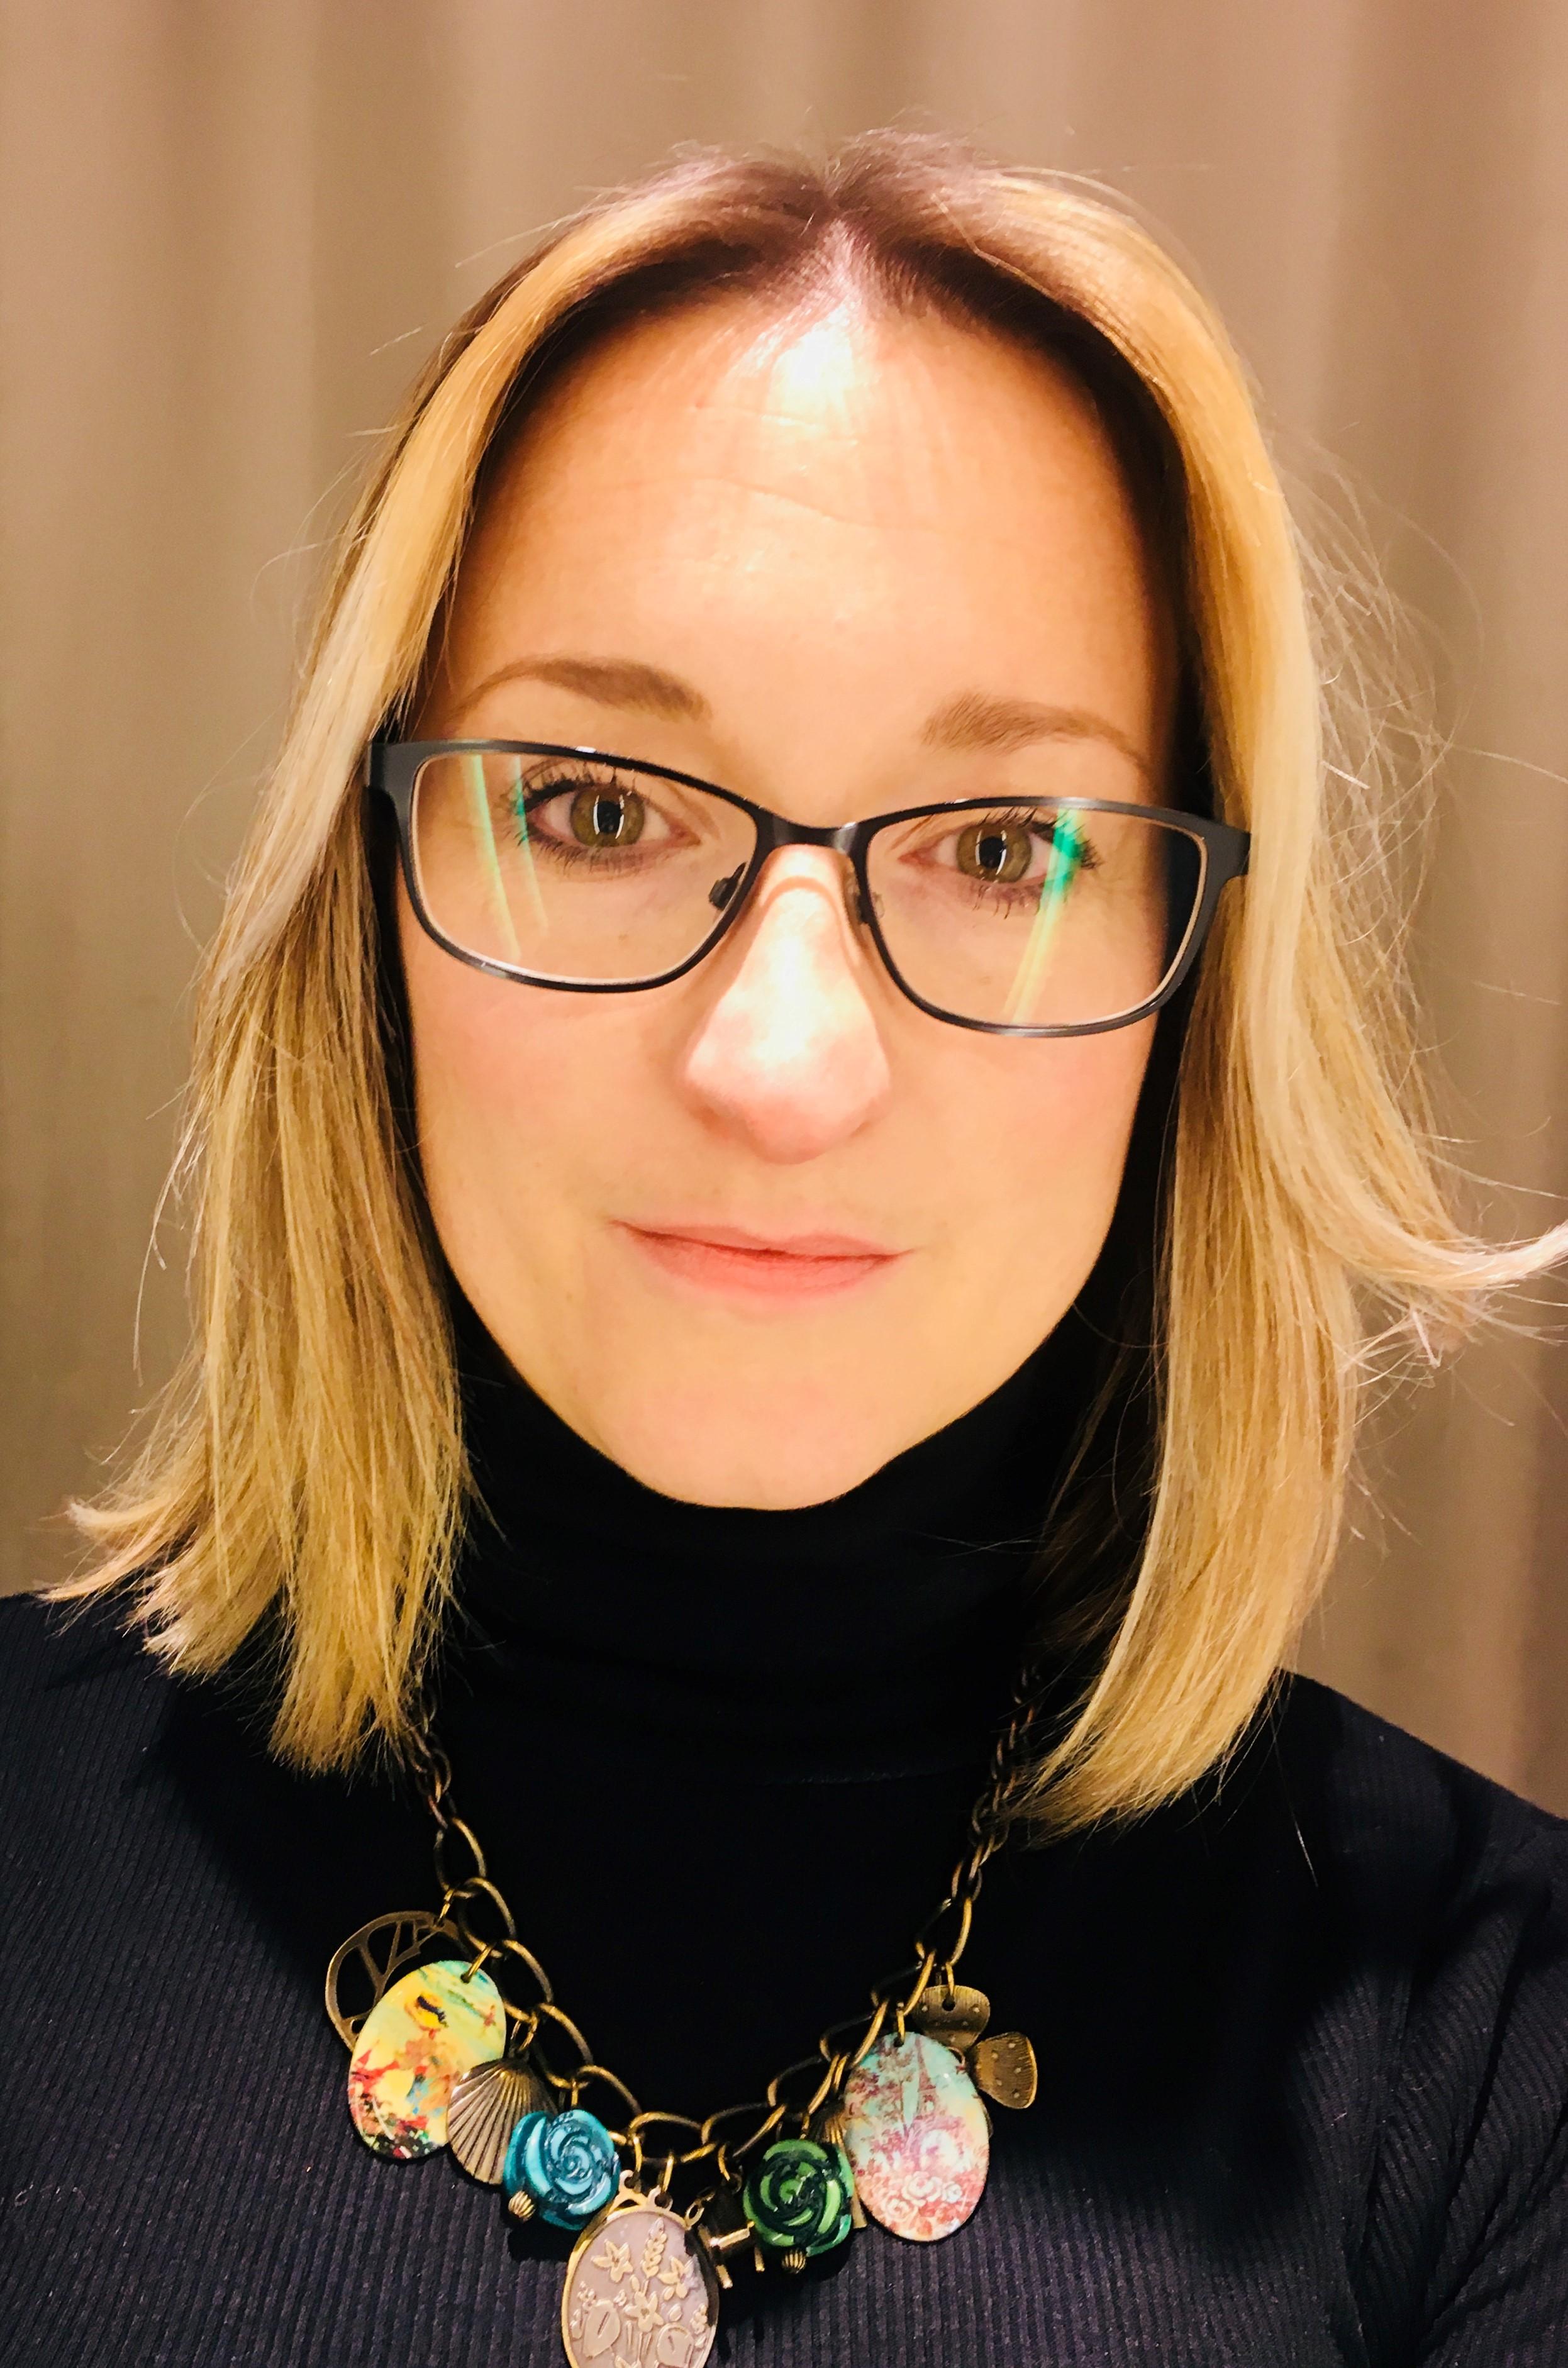 Anna Batcheler